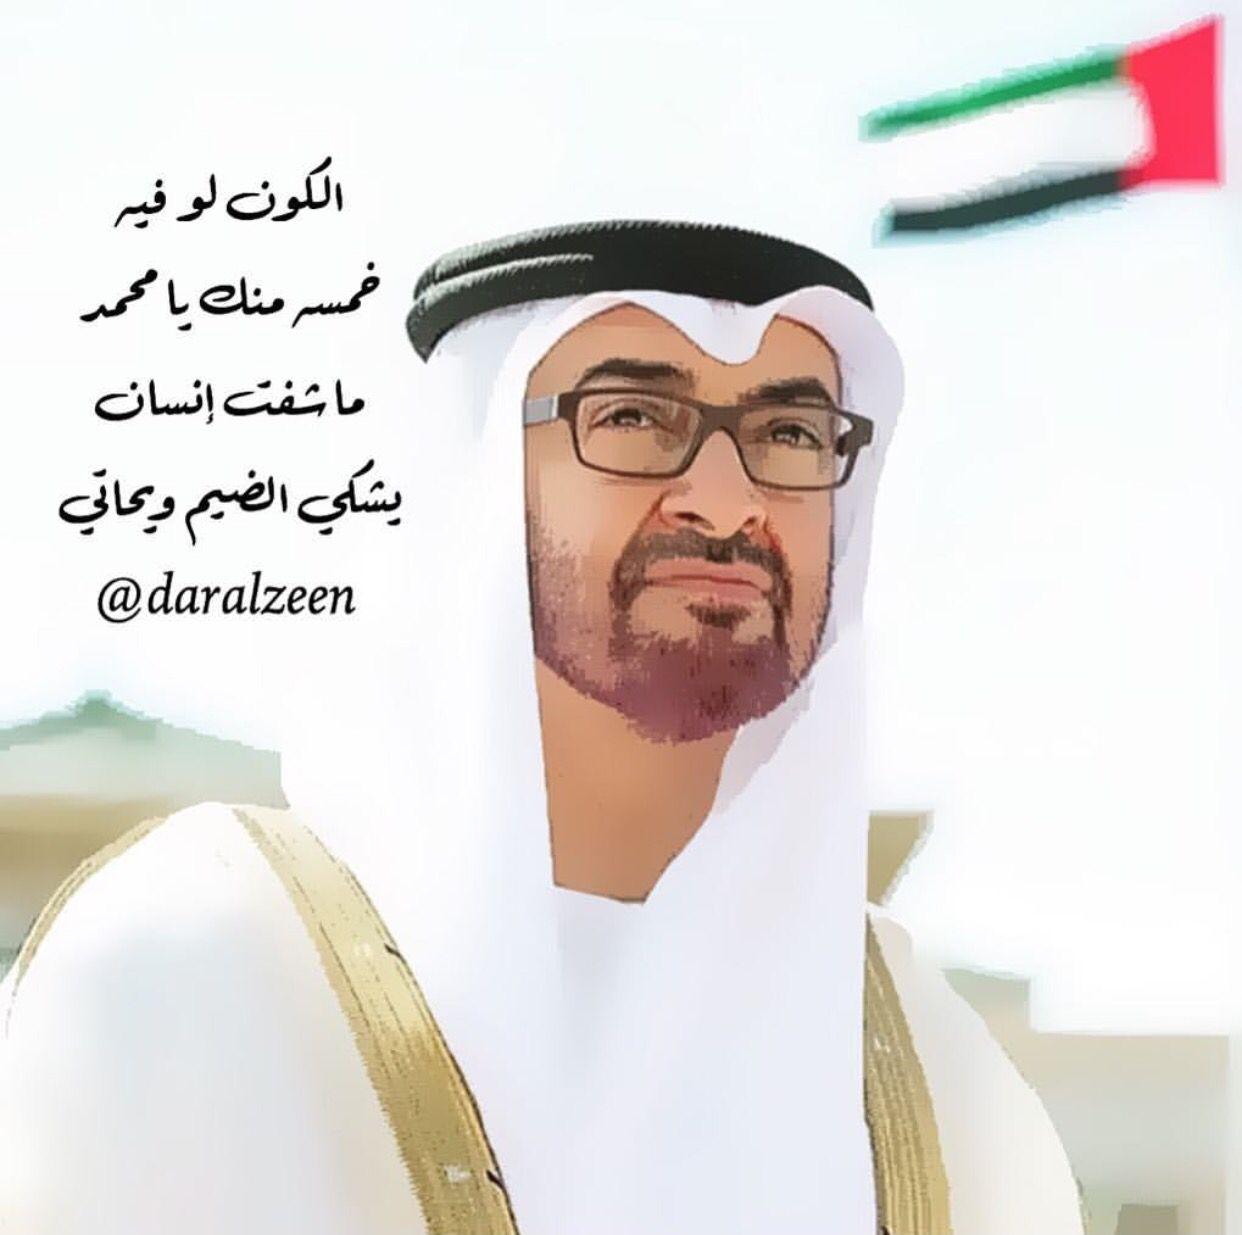 محمد بن زايد Abu Dhabi Travel Learning Arabic Uae